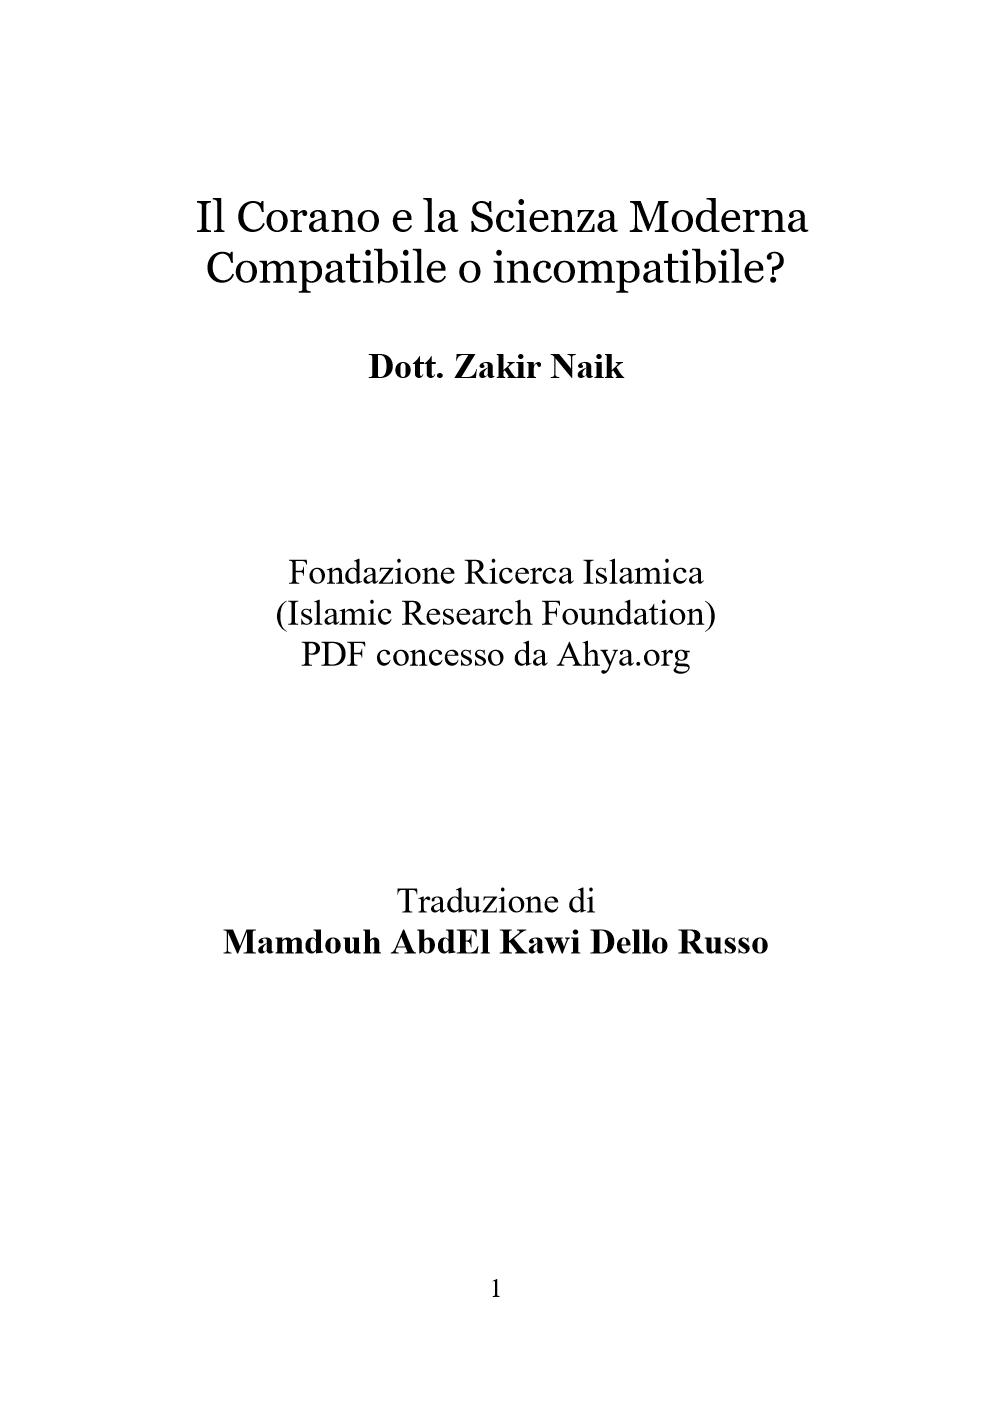 Il Corano e la Scienza Moderna Compatibile o incompatibile?